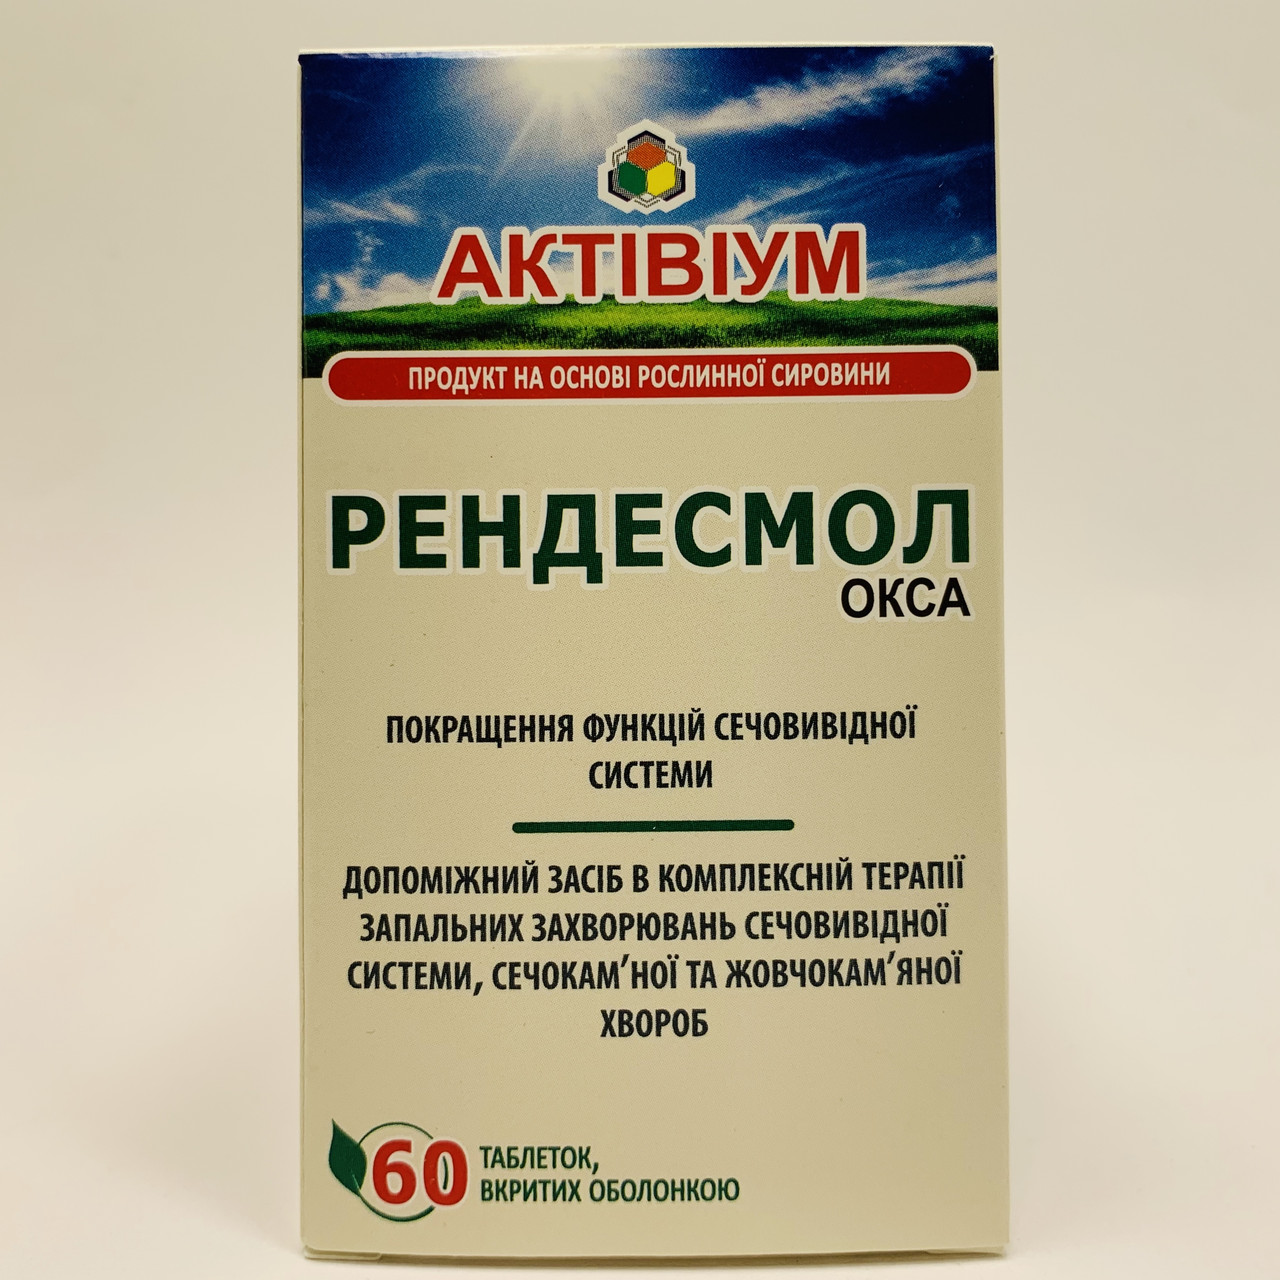 Активиум Рендесмол окса (растворение камней), 60 табл. по 500 мг